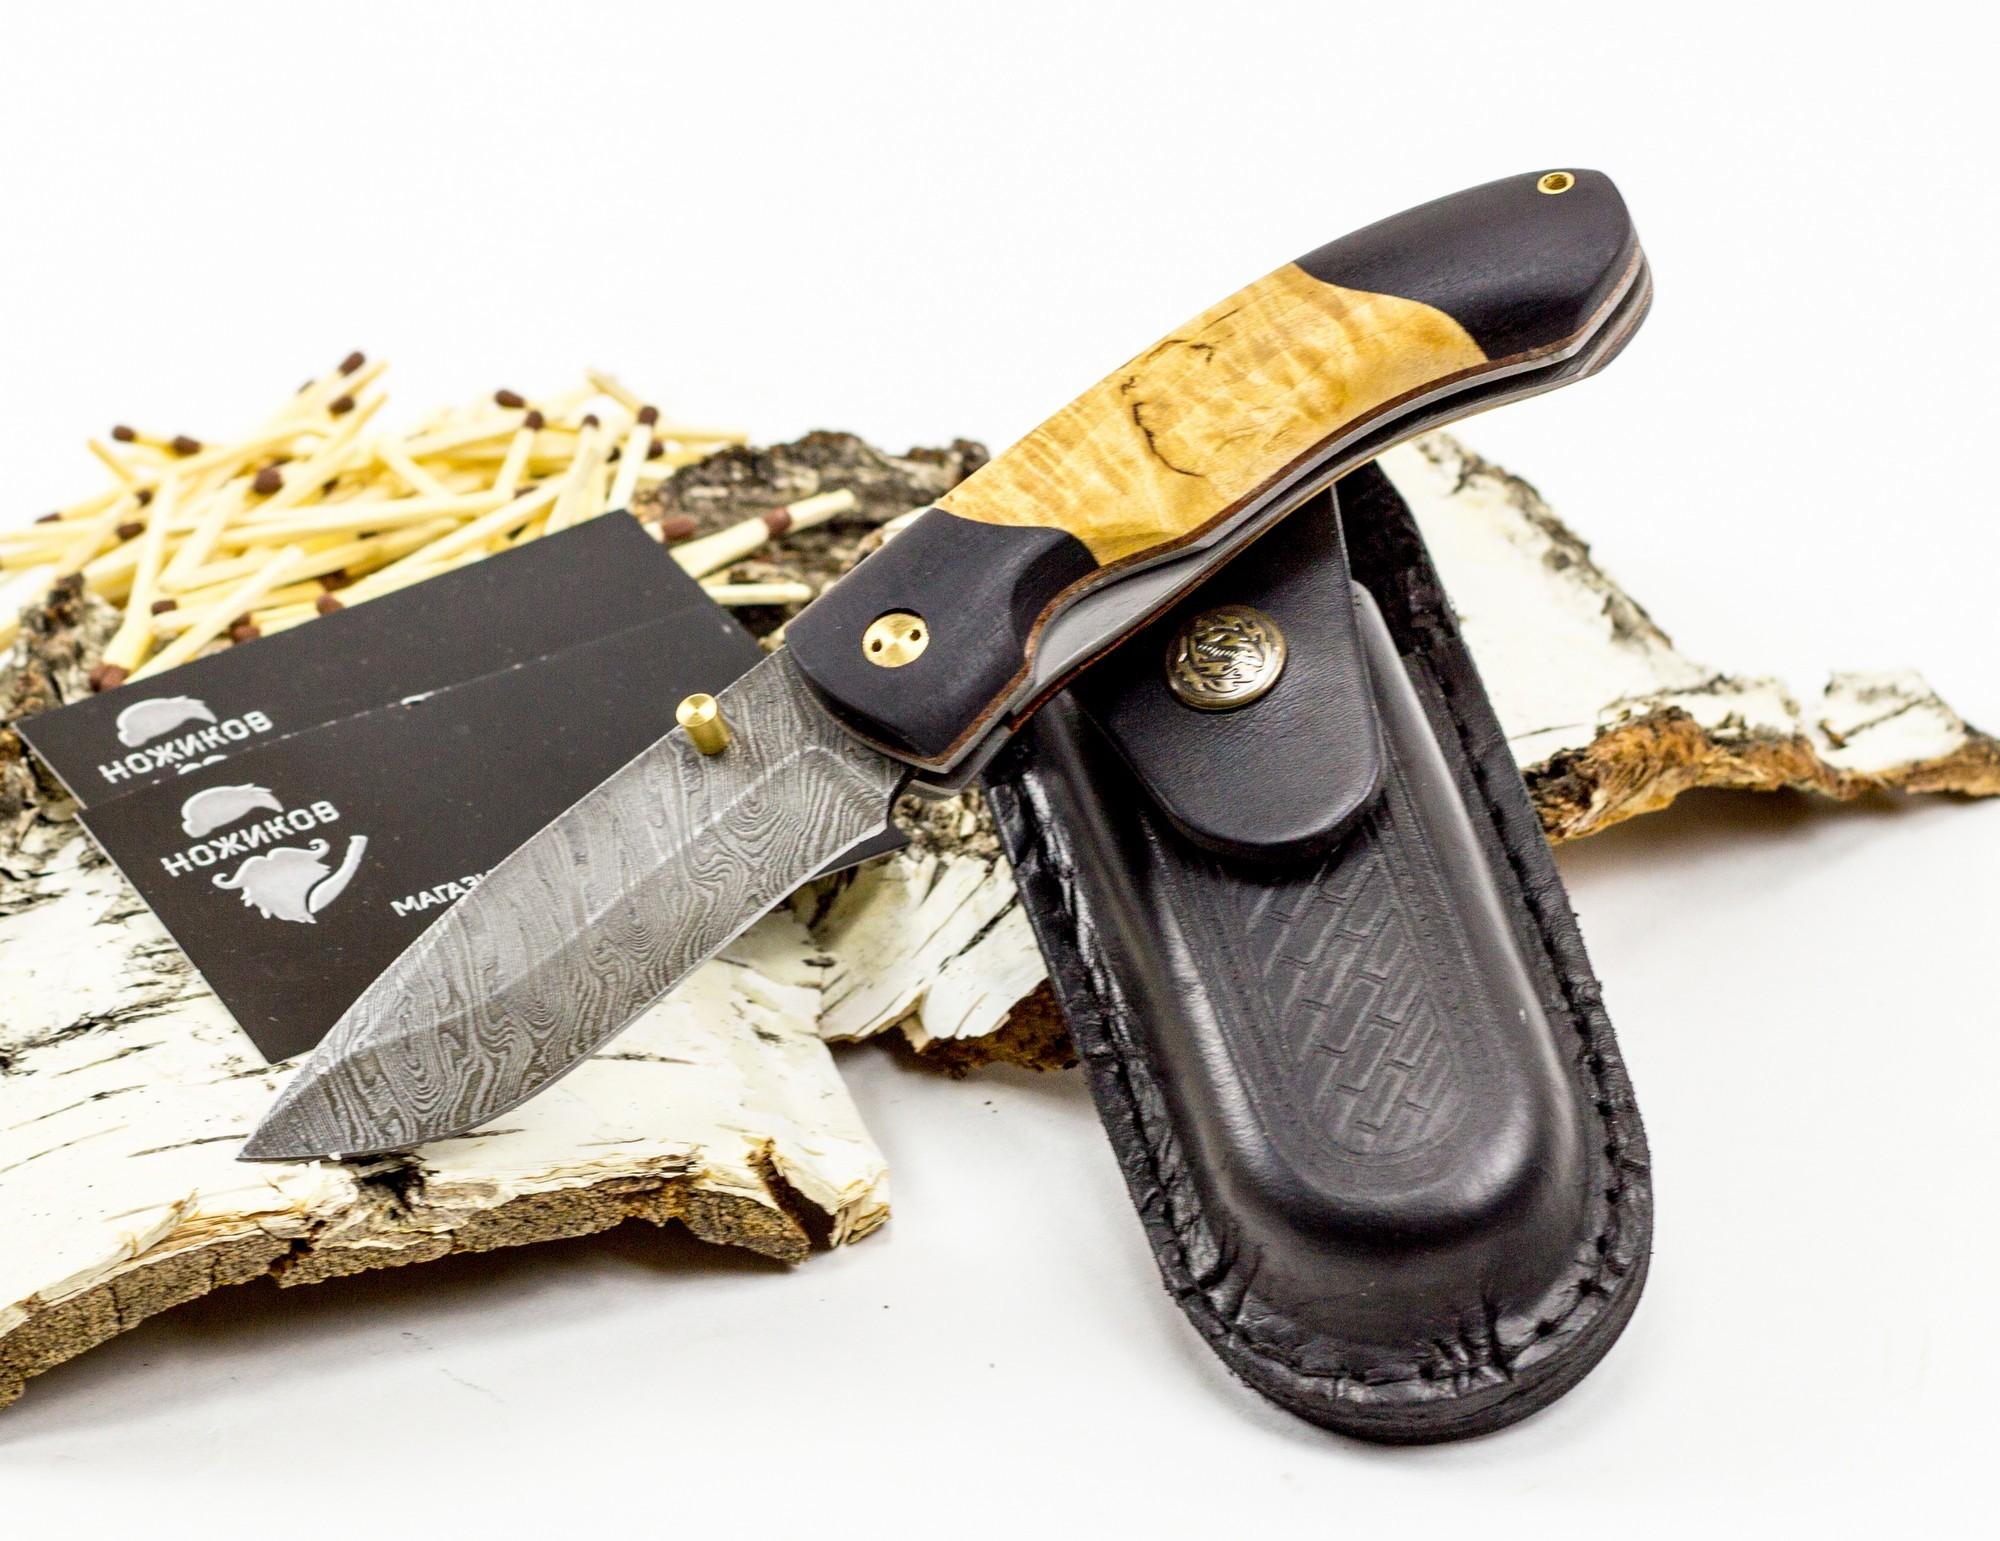 Нож складной Егерьский-2, дамаск, карельская береза